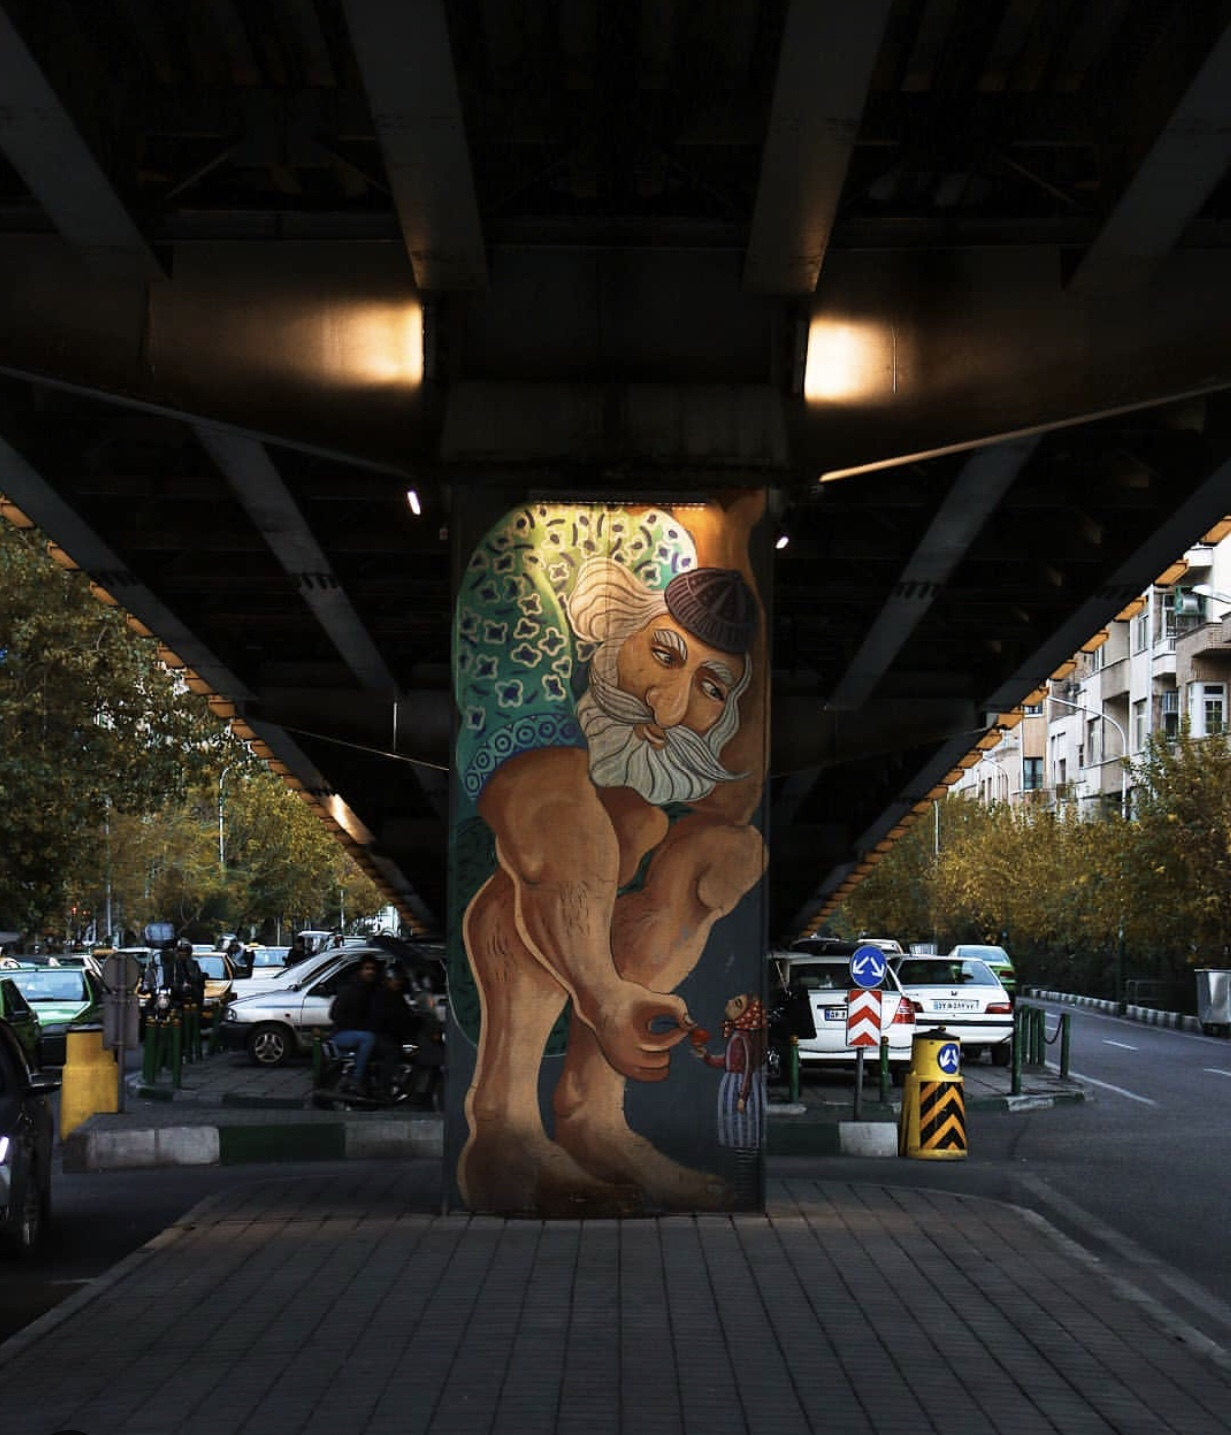 عدسة ايرانية: بطل يحمل جسرا 1